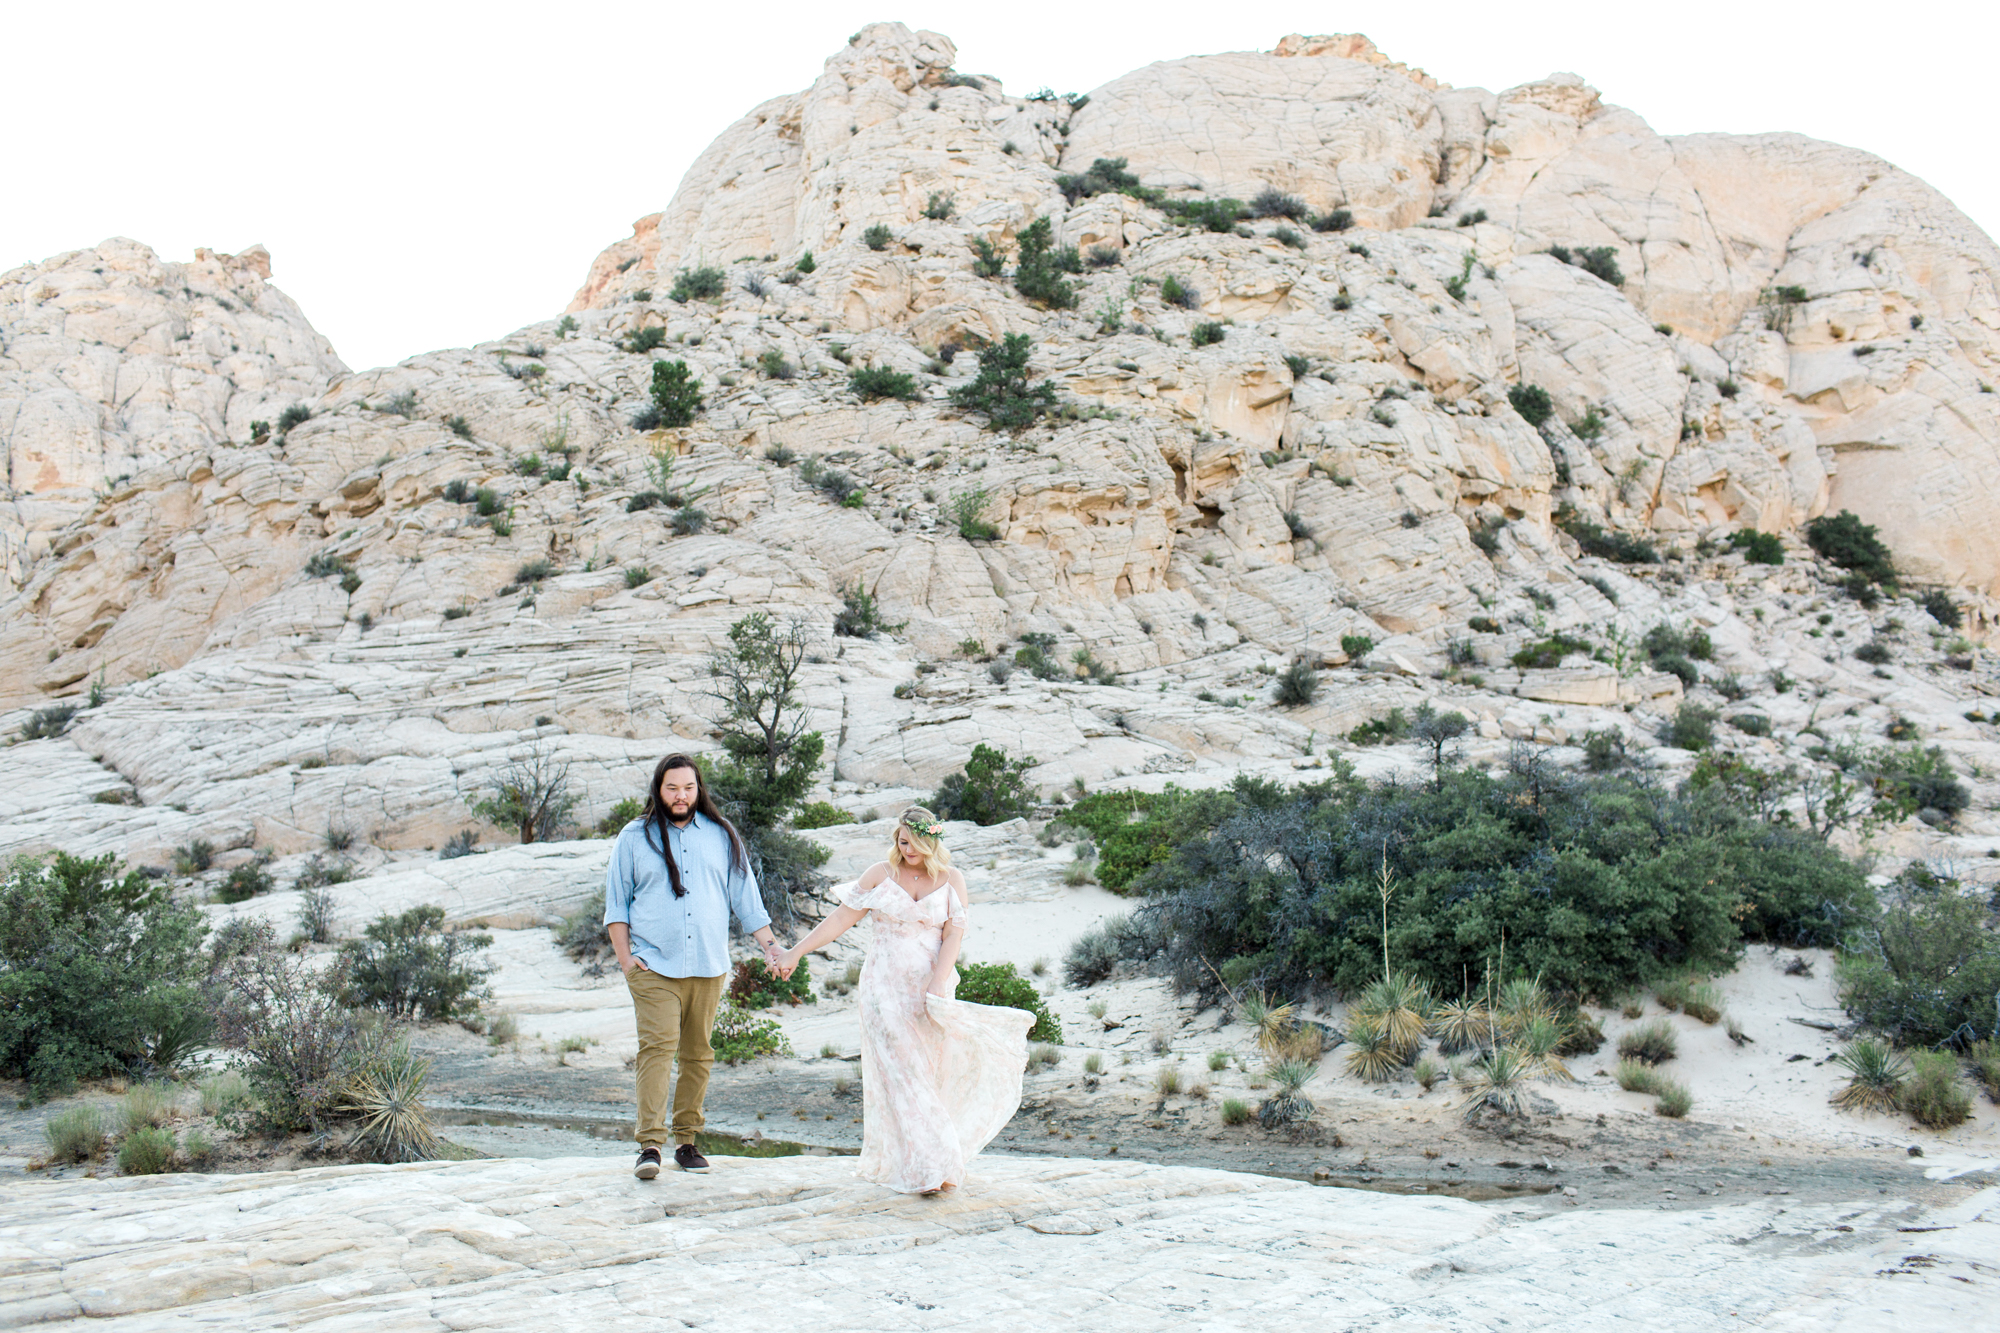 Kelcie-Ryan-Engagements-159.jpg